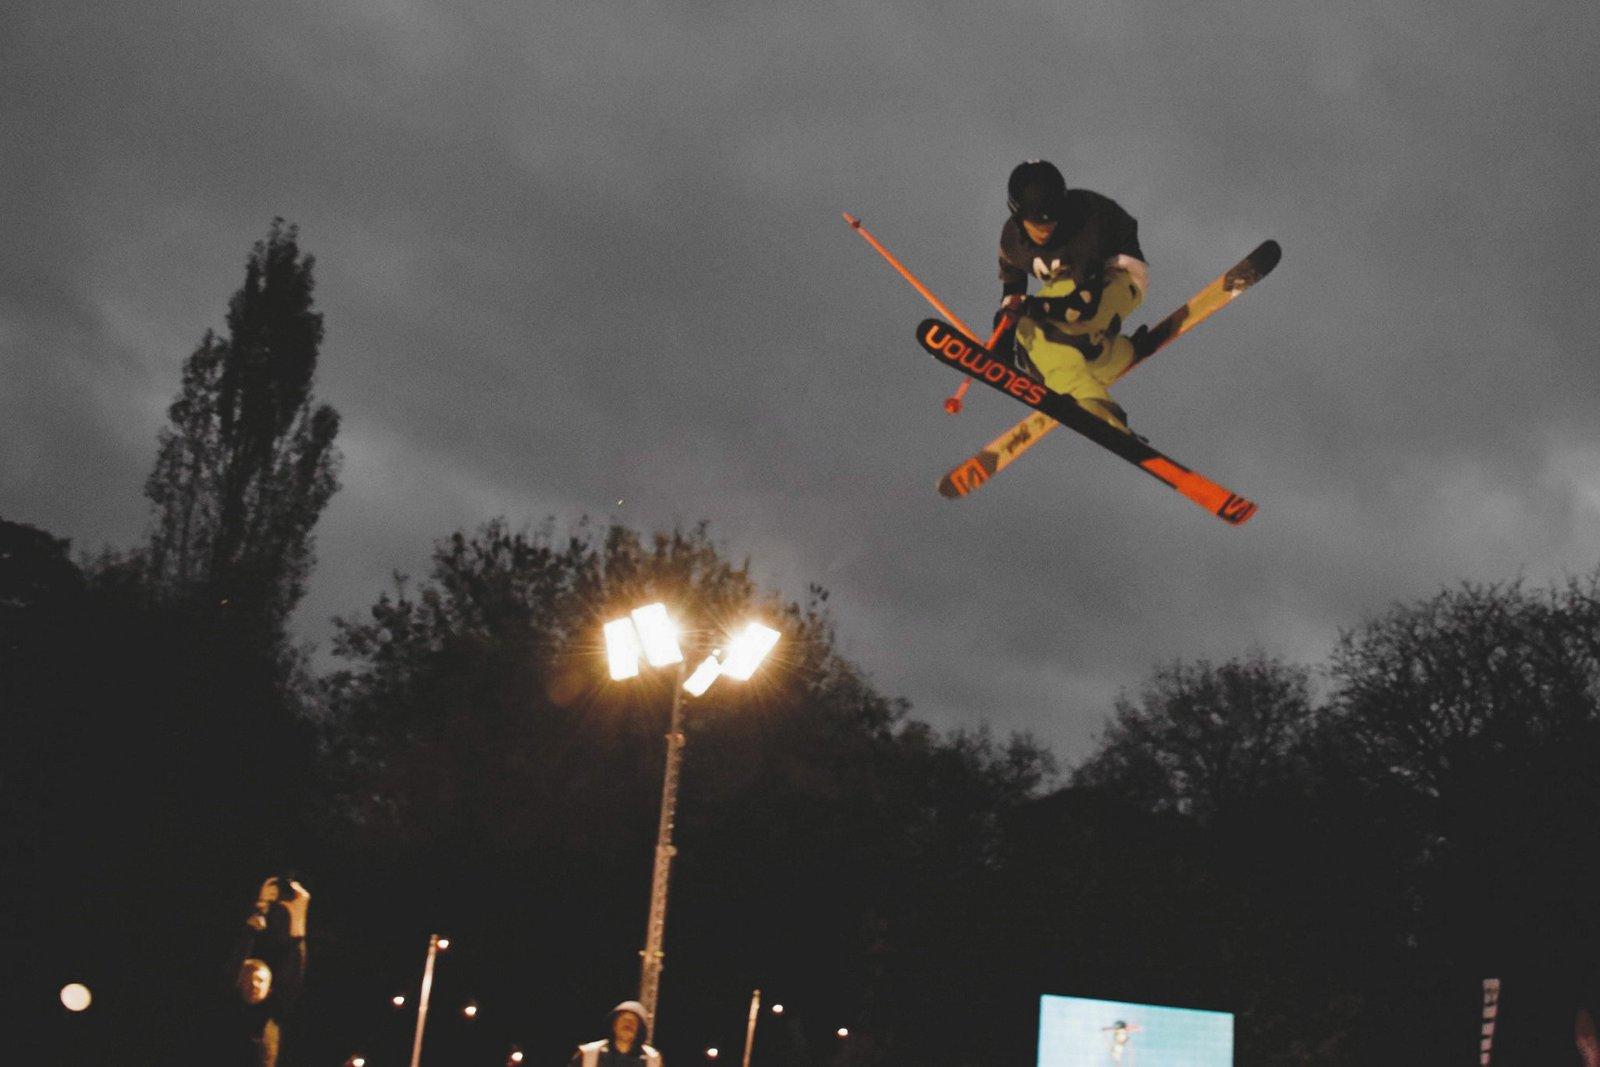 Big Air Ski Demo